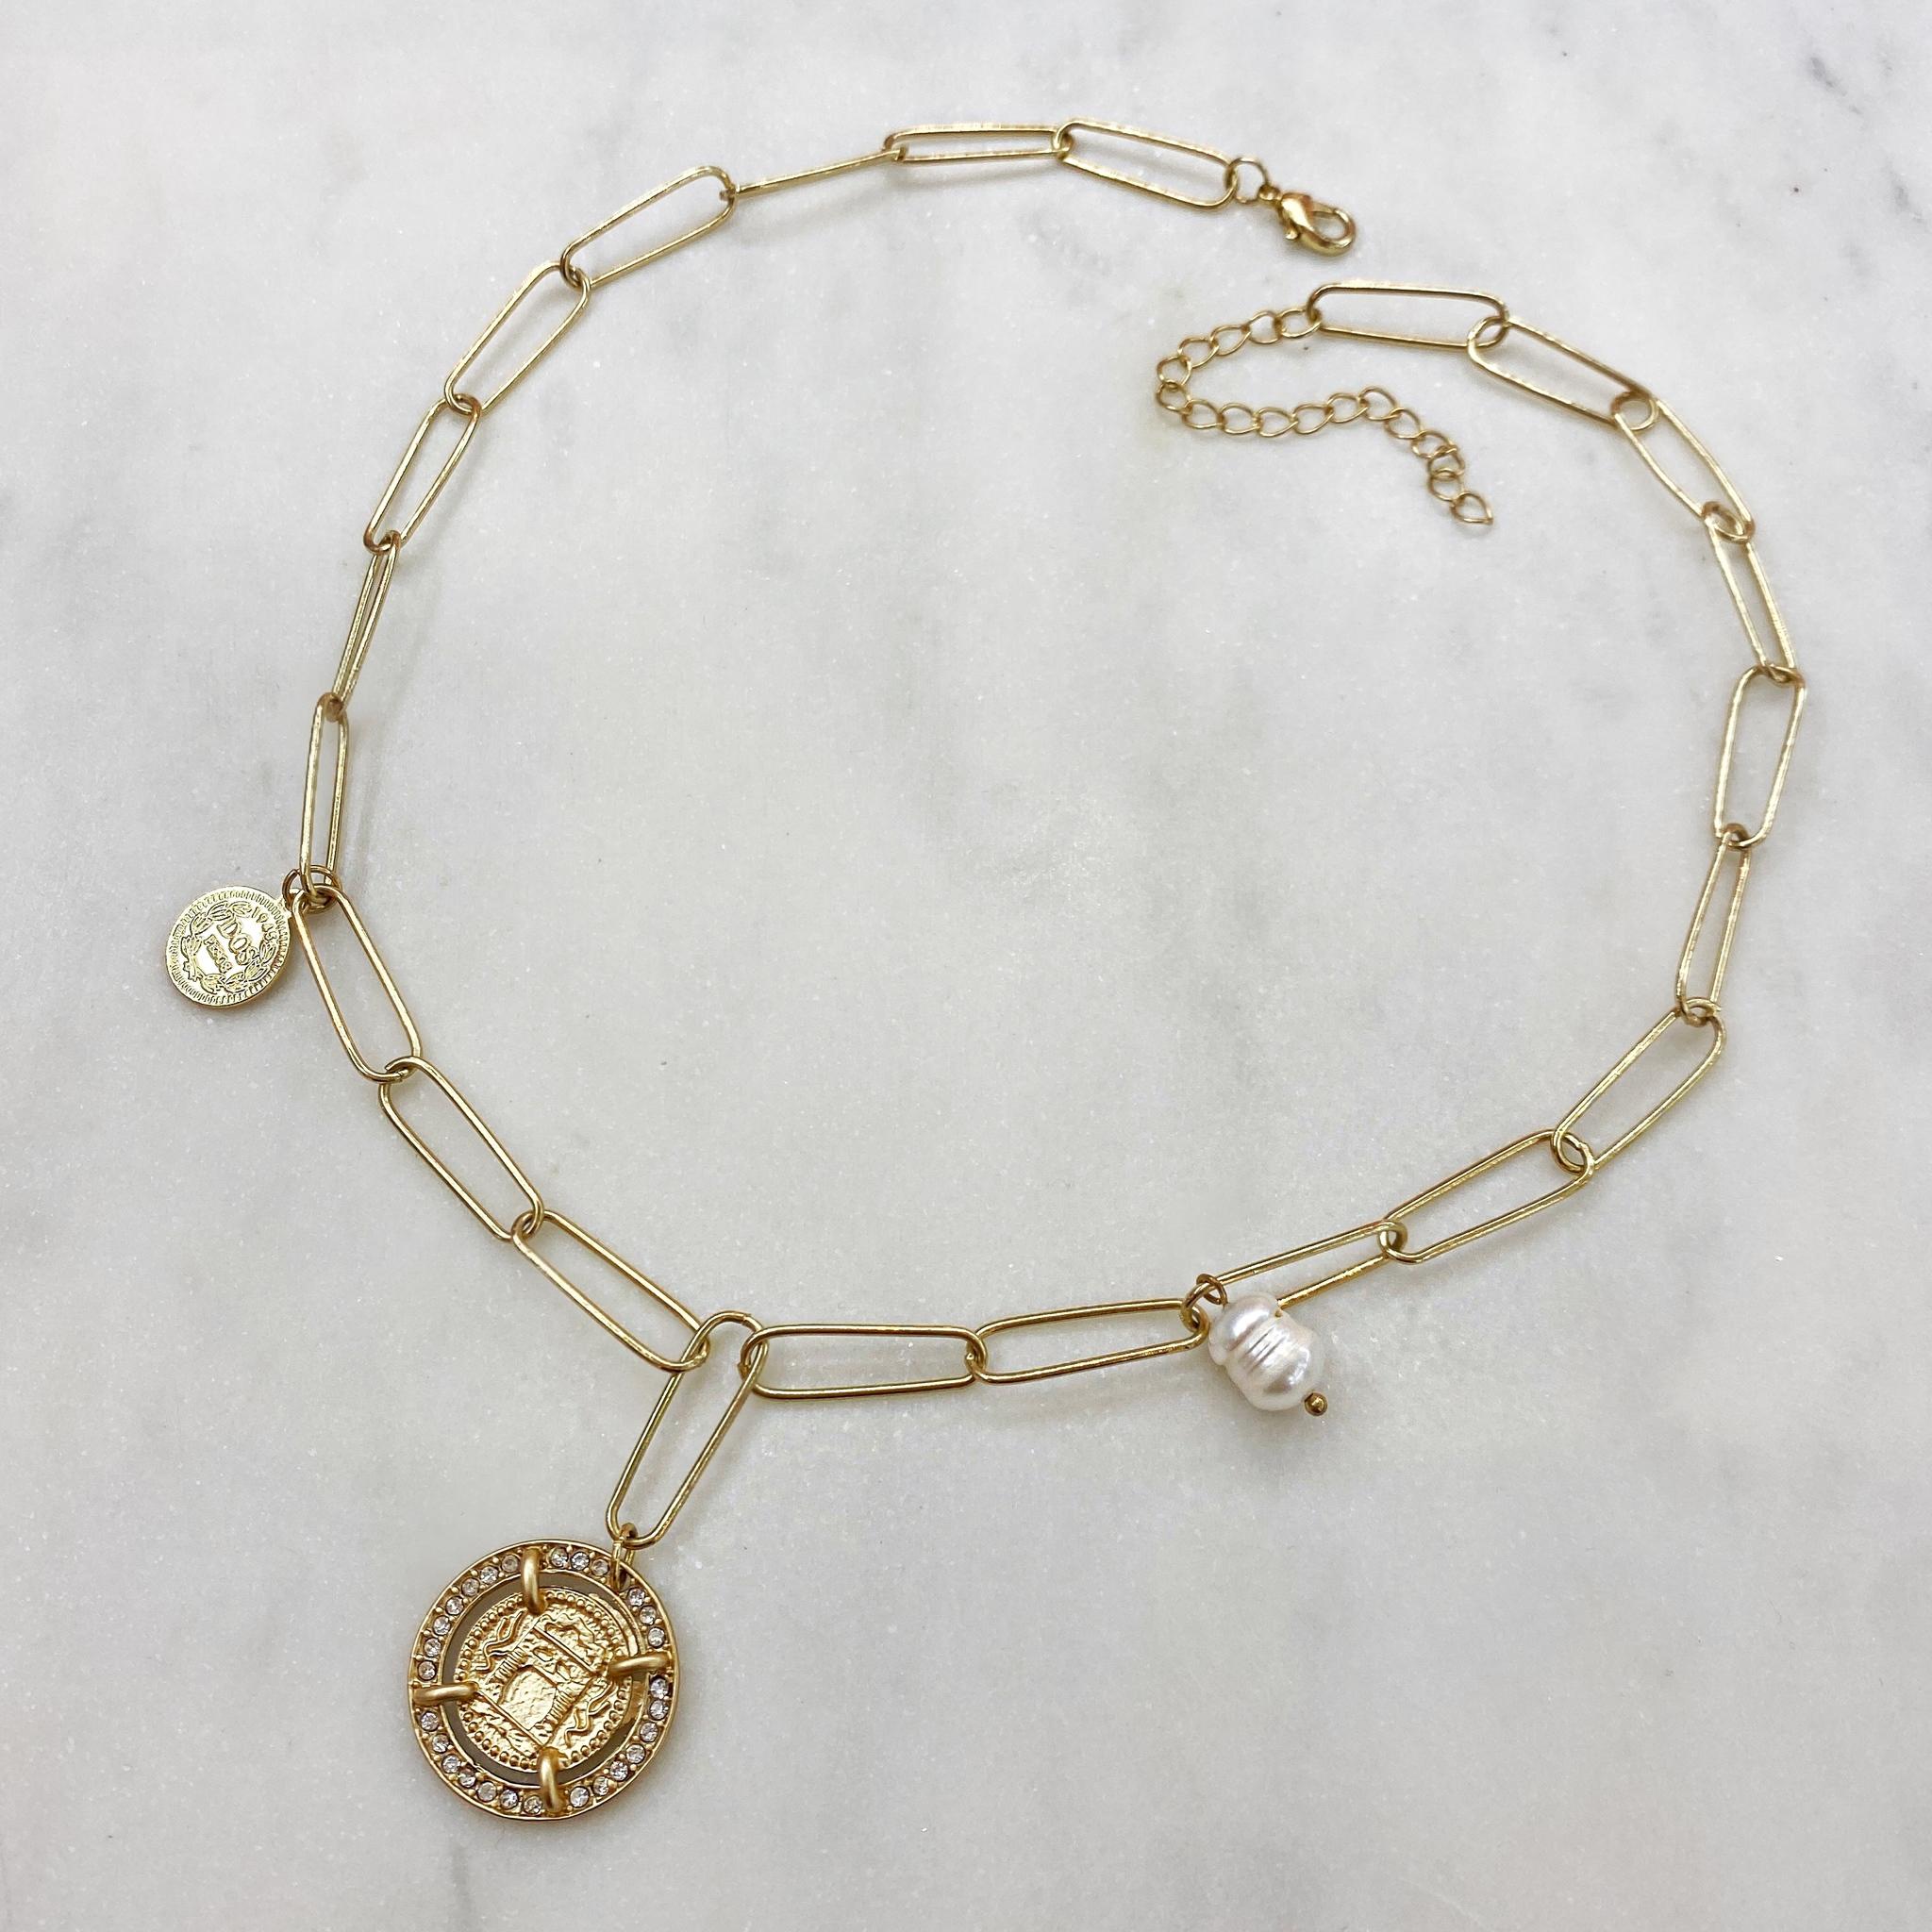 Колье-цепь с подвесками герб, барочный жемчуг, монетка (золотой)